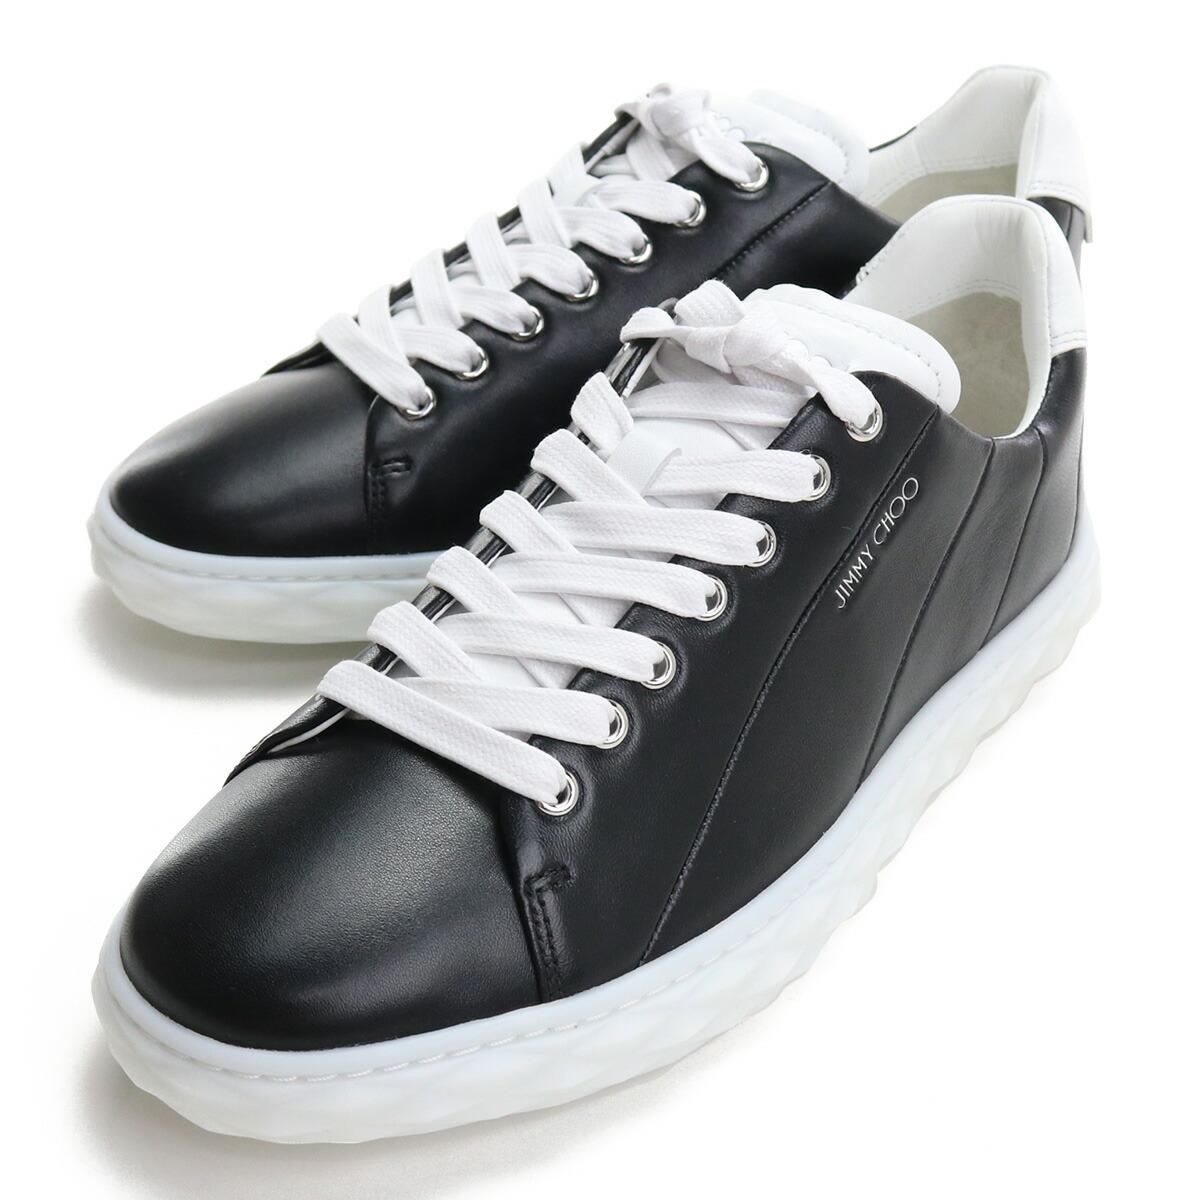 ジミーチュウ JIMMY CHOO  メンズスニーカー ブランドスニーカー DIAMOND LIGHT/M NAP 211 V BLACK ブラック bos-06 shoes-01